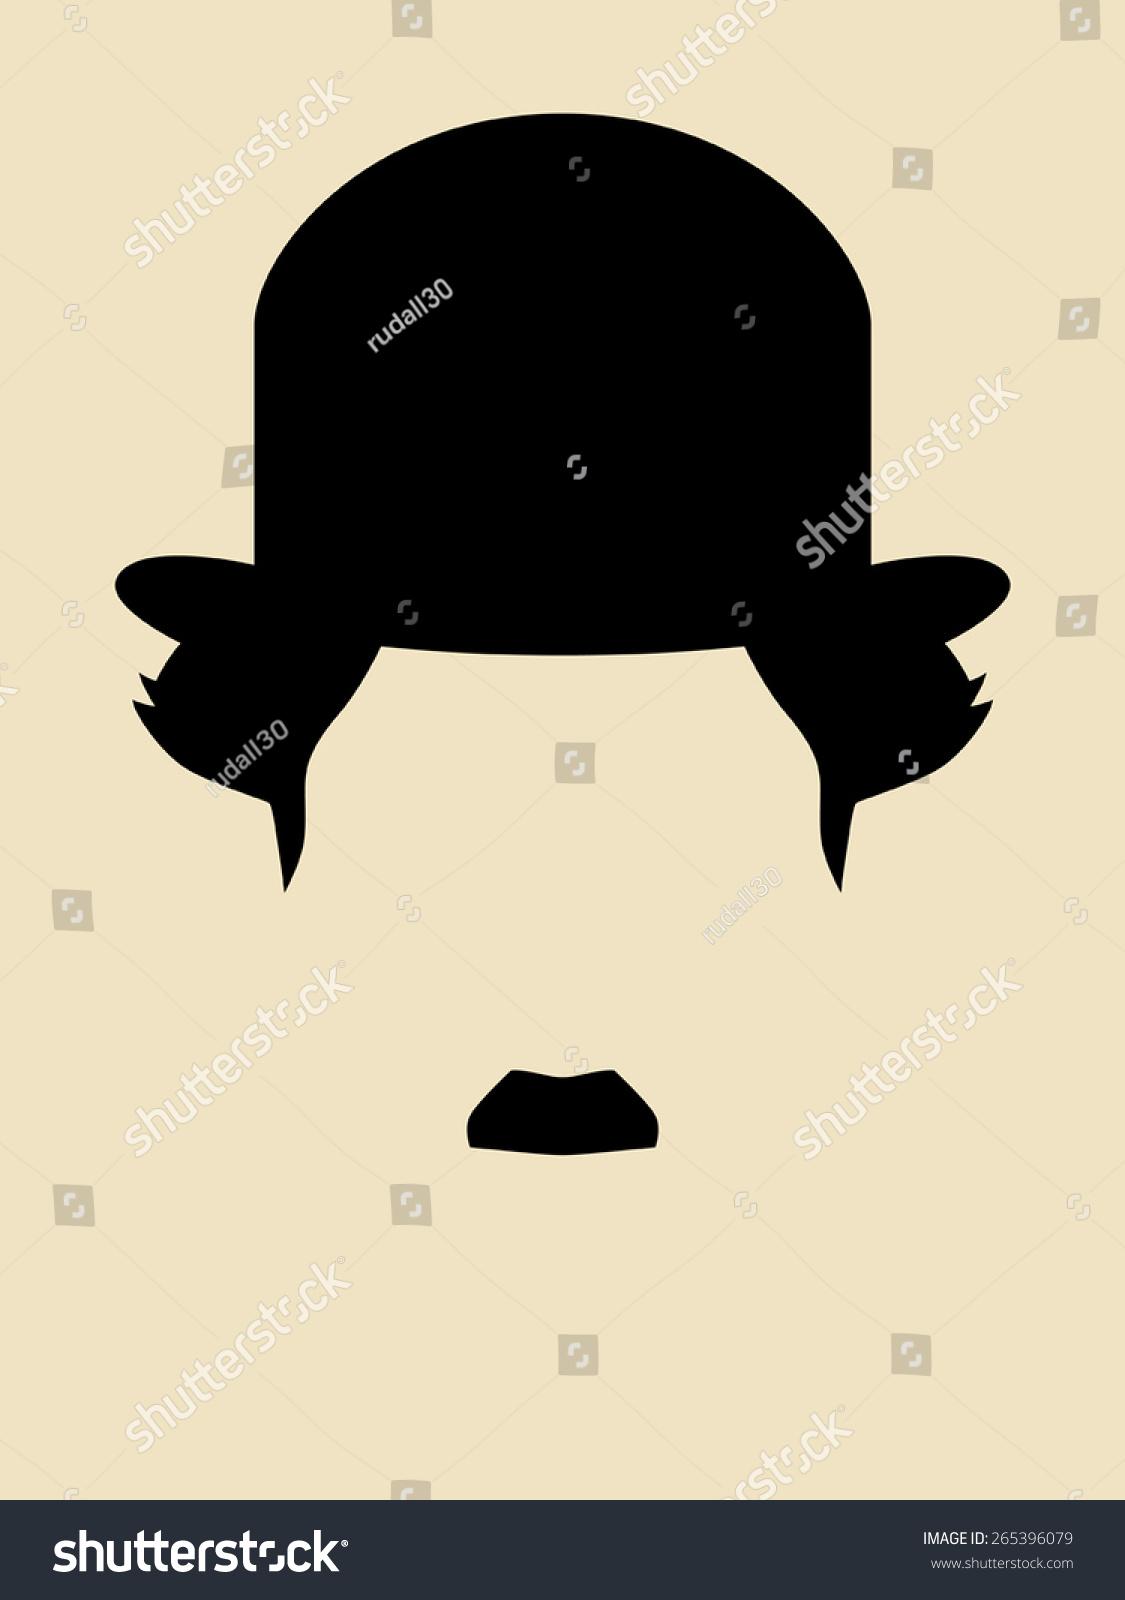 胡子的男人穿着一件老式的帽子的象征-人物,符号/标志